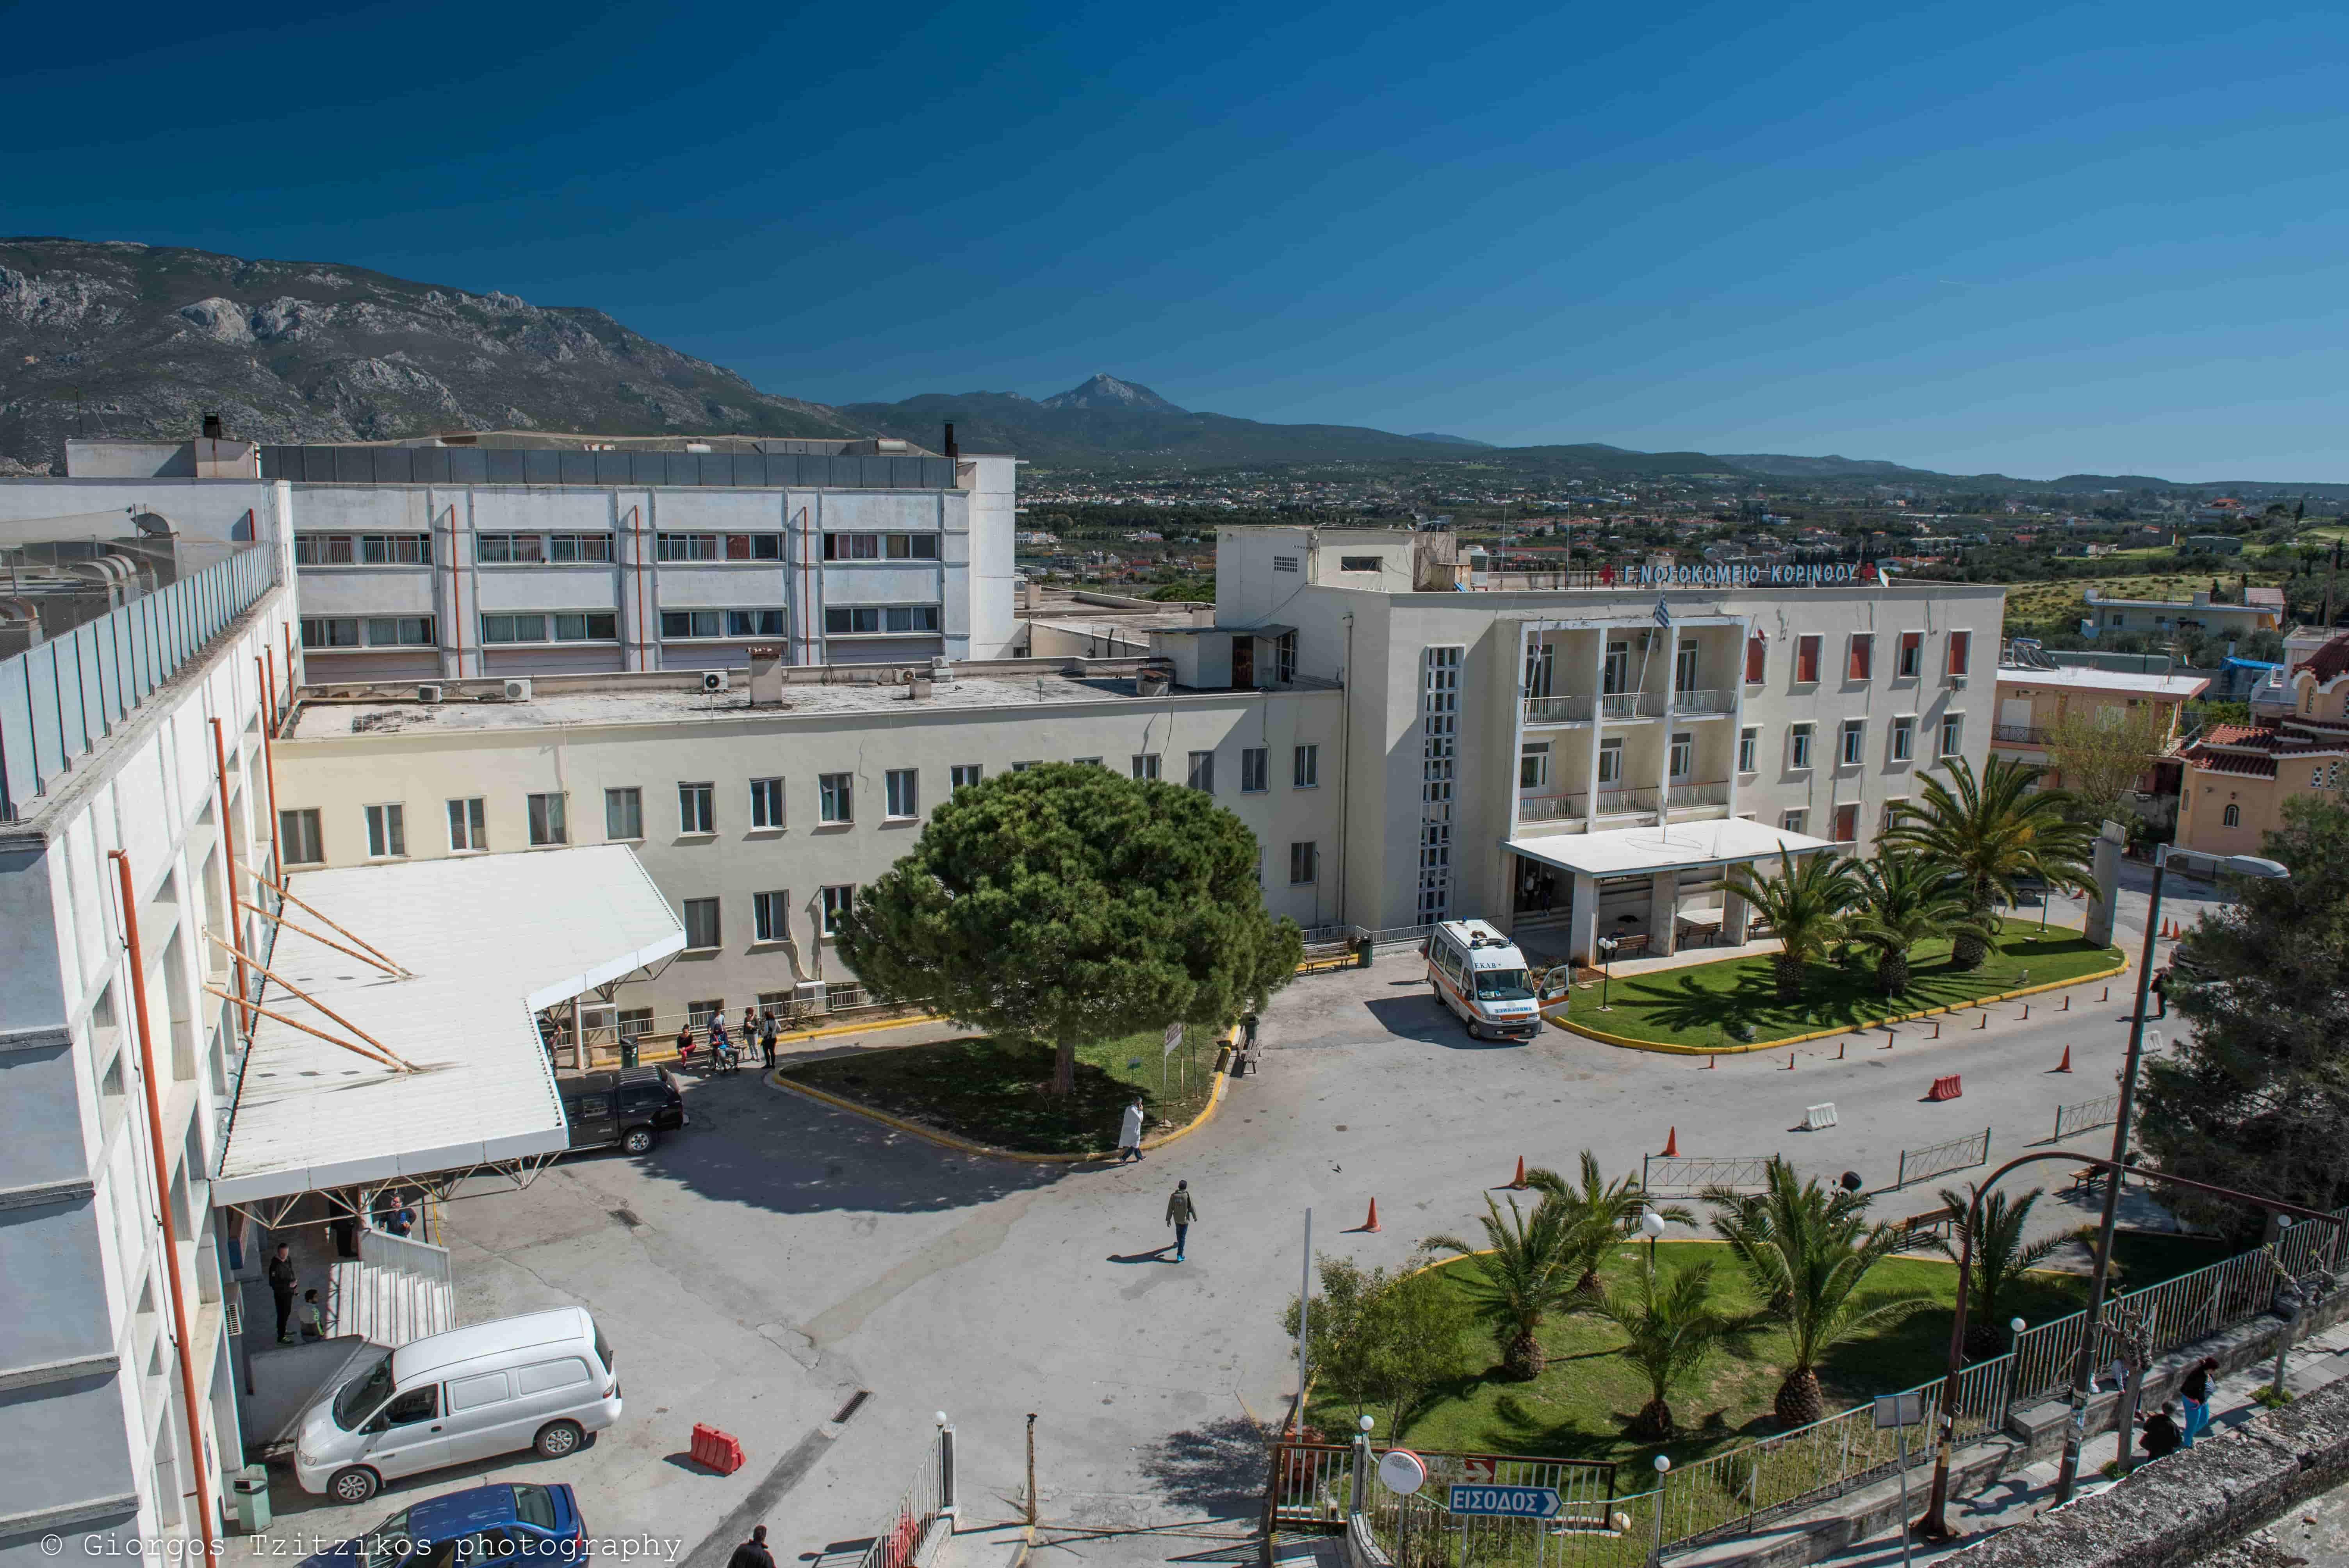 http://www.hospkorinthos.gr/images_new/DSC_6975.jpg